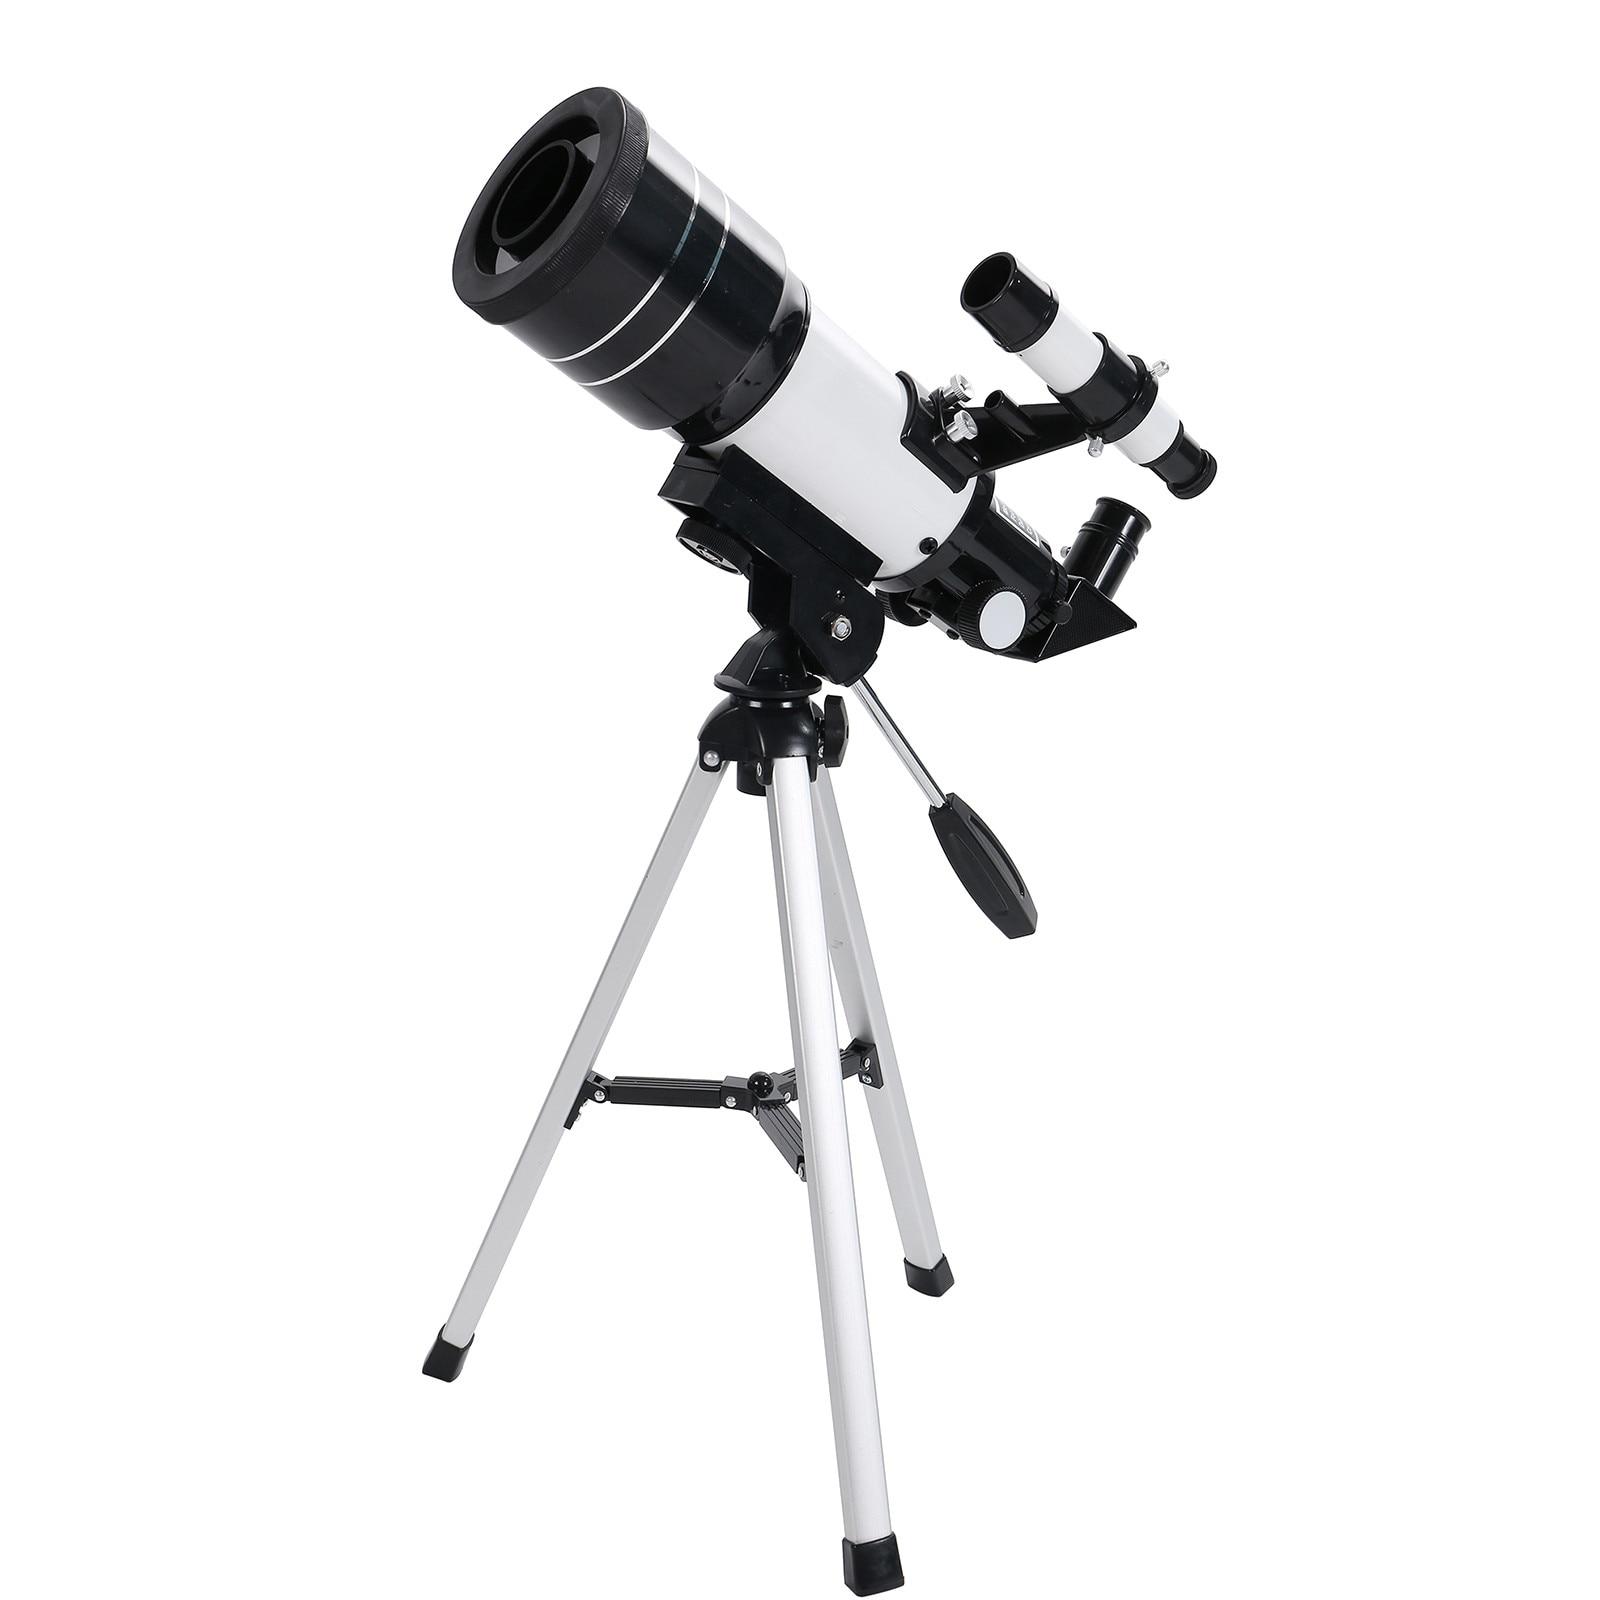 F30070 alta soporte profesional estrellas Gran Aumento de alta definición de noche visión entrada telescopio juguetes tecnológicos